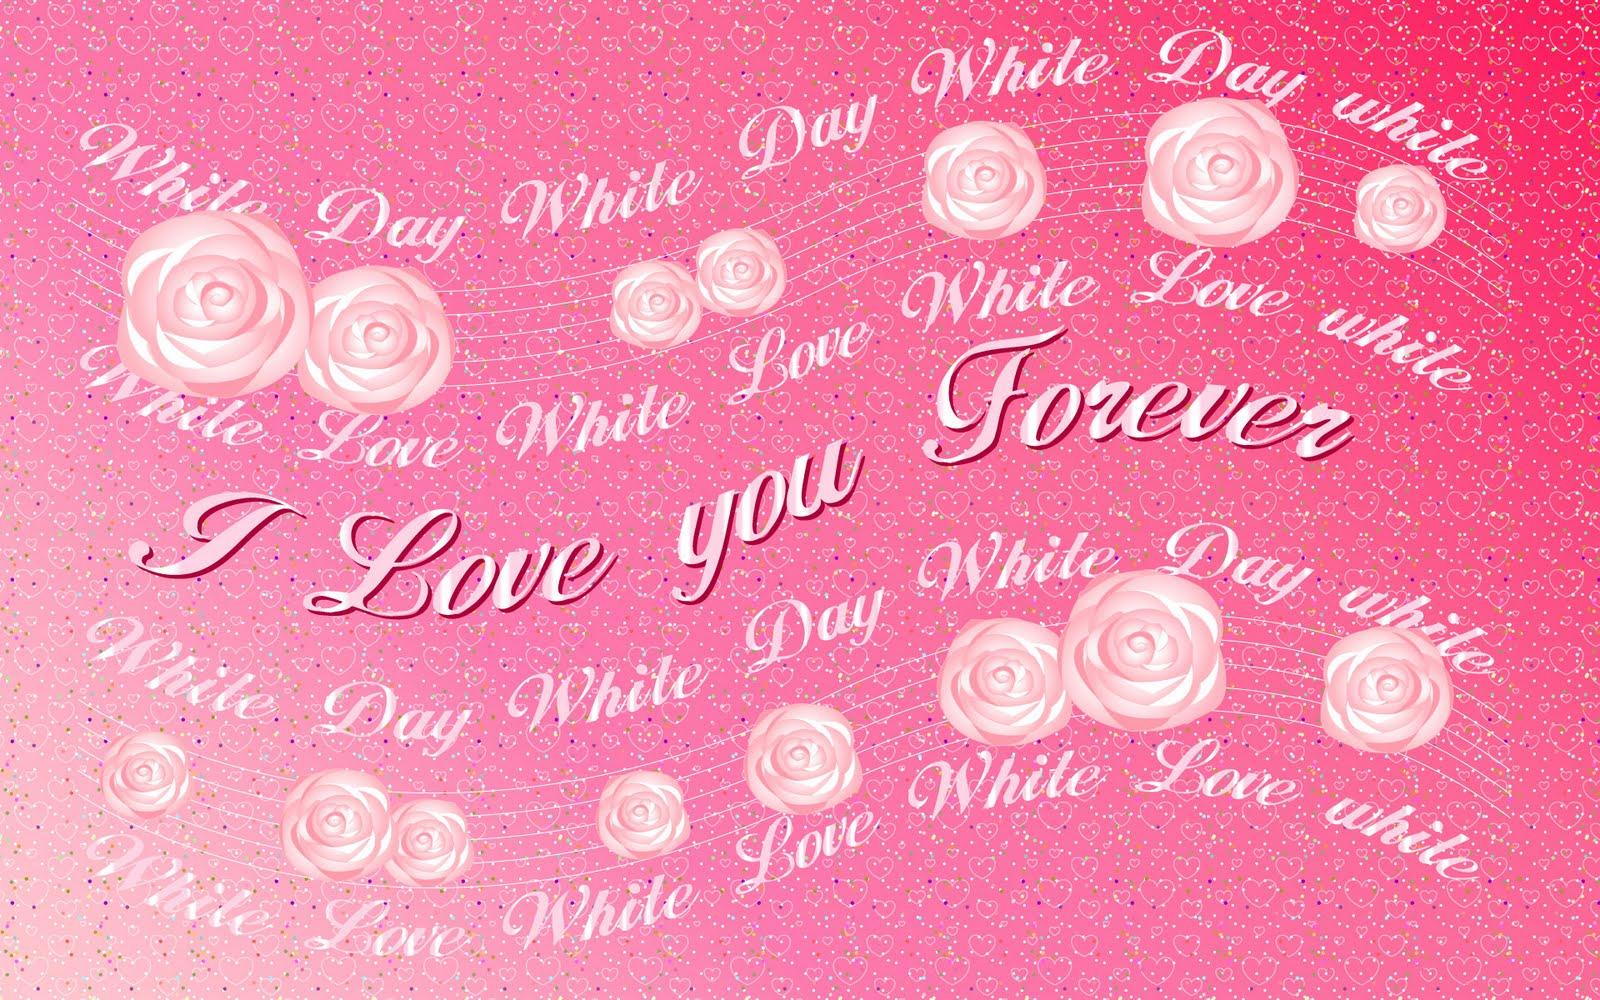 http://2.bp.blogspot.com/-Exe39b-Q5jc/TjBDbBBPCzI/AAAAAAAAAhc/387DAaws7xM/s1600/I-Love-You-Forever.jpg